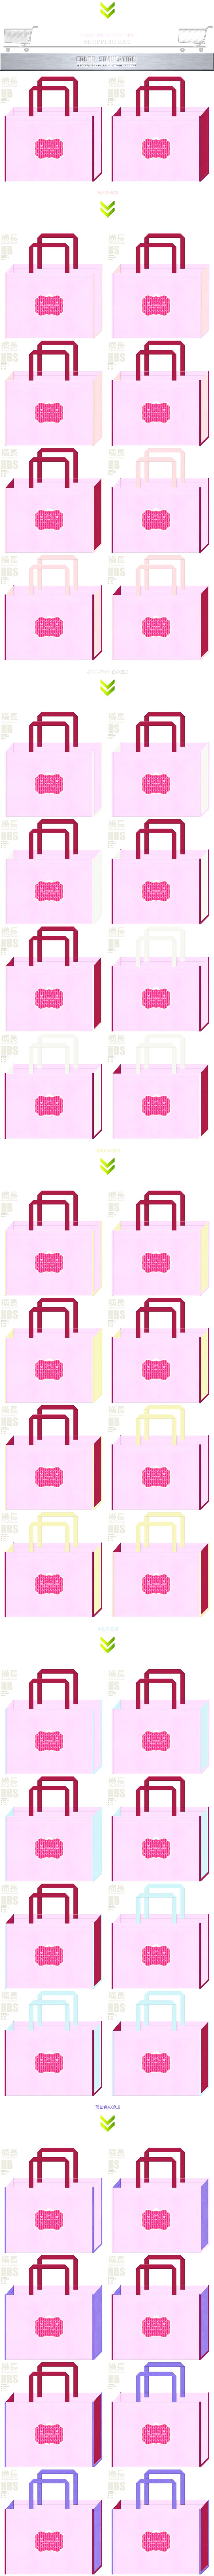 パステルピンク色と濃いピンク色をメインに使用した、ガーリーデザインの不織布バッグのカラーシミュレーション:パジャマ・寝具・インテリア・小物のショッピングバッグ